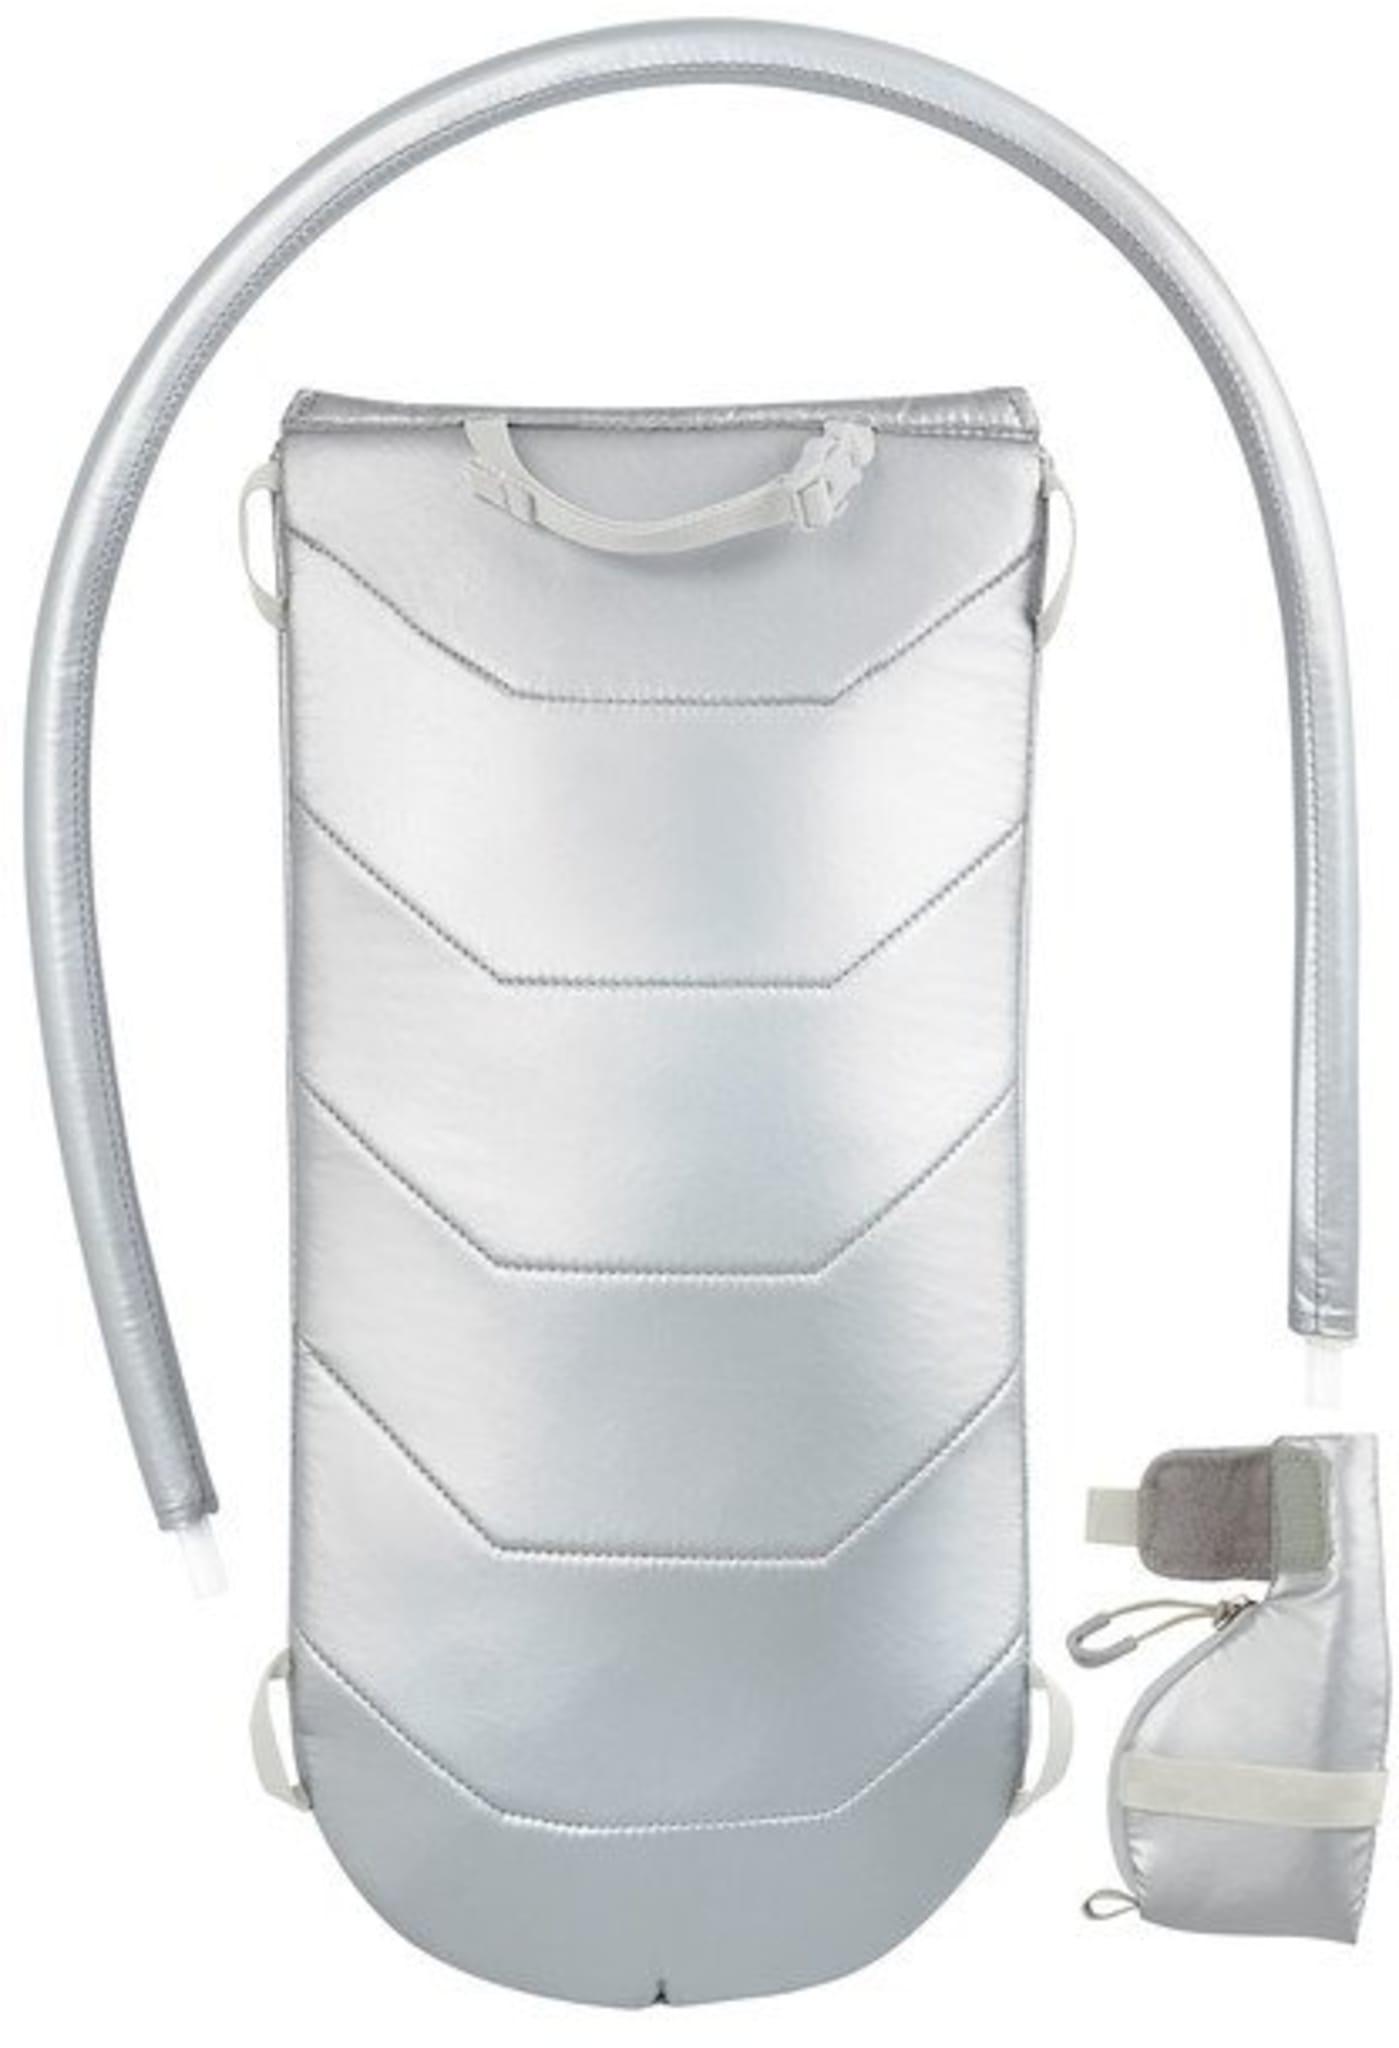 Isolasjonssett til Osprey drikkesystemer